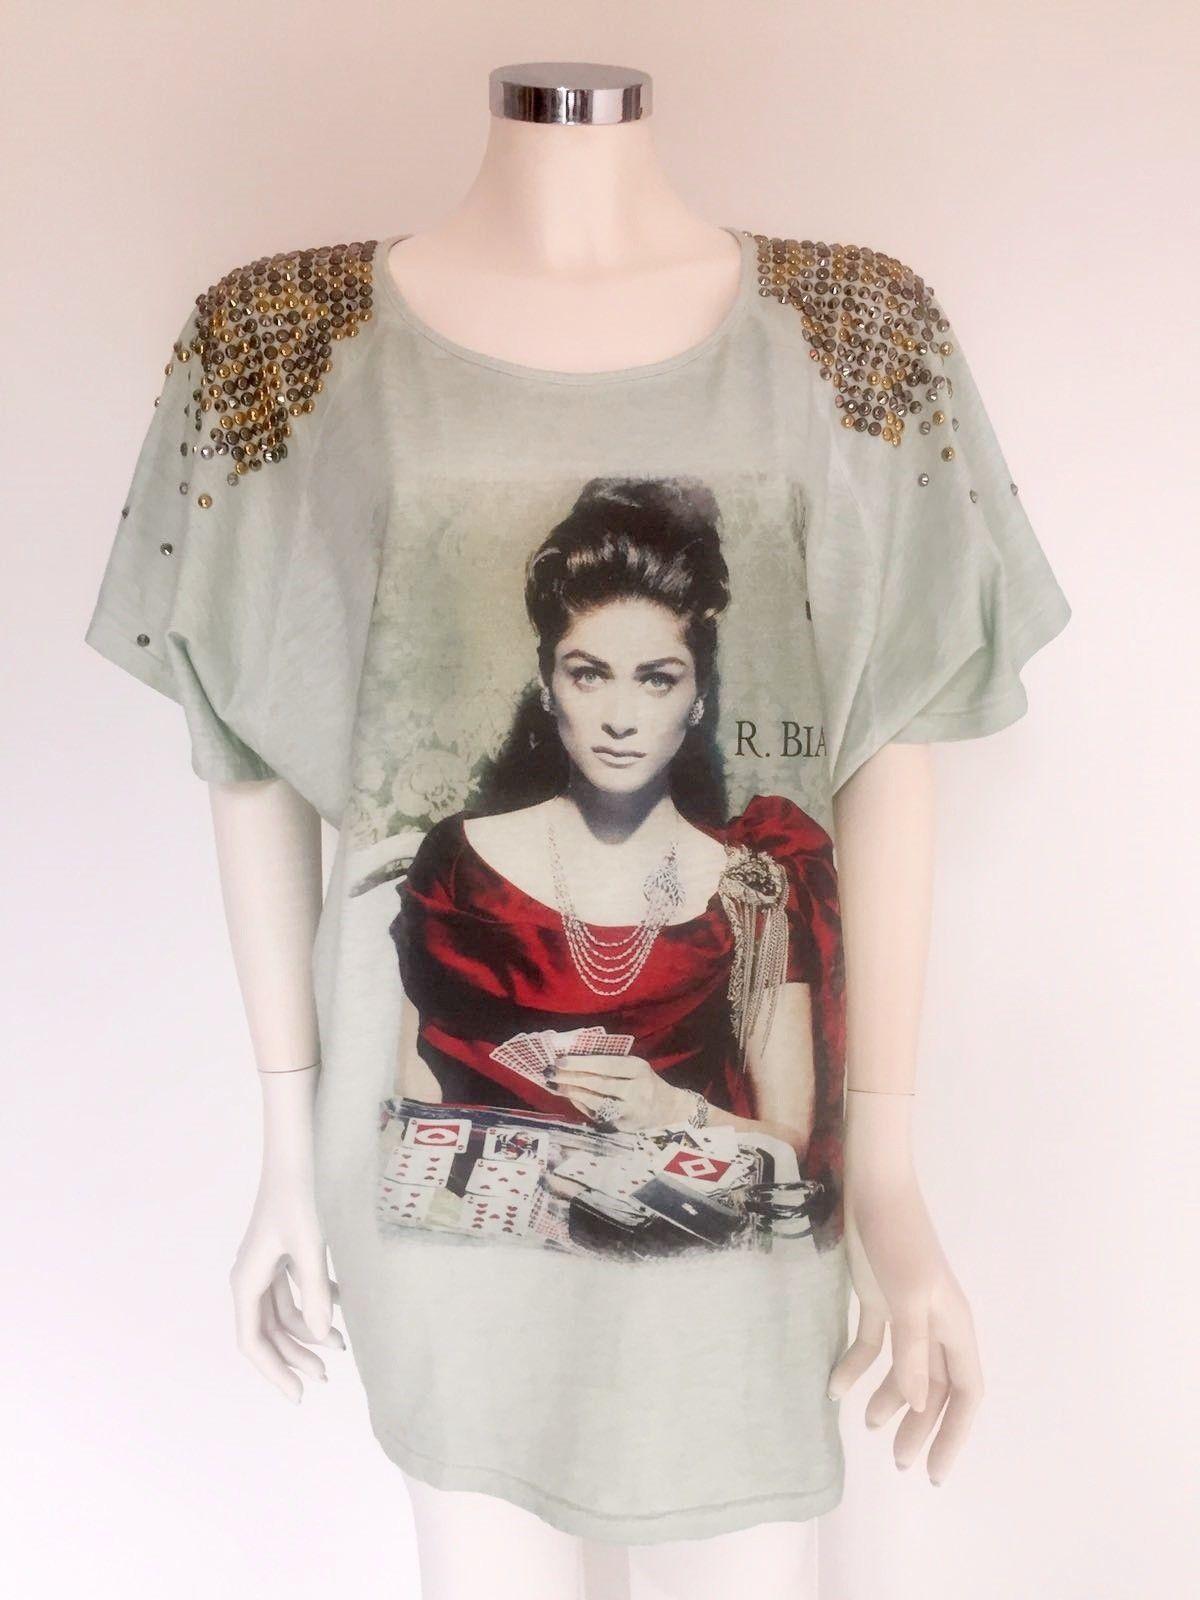 T-Shirt Roberta Biagi Over lunga a mezzamanica stampa con borchie e  Swarovski sulla spalla b7308dbc17e